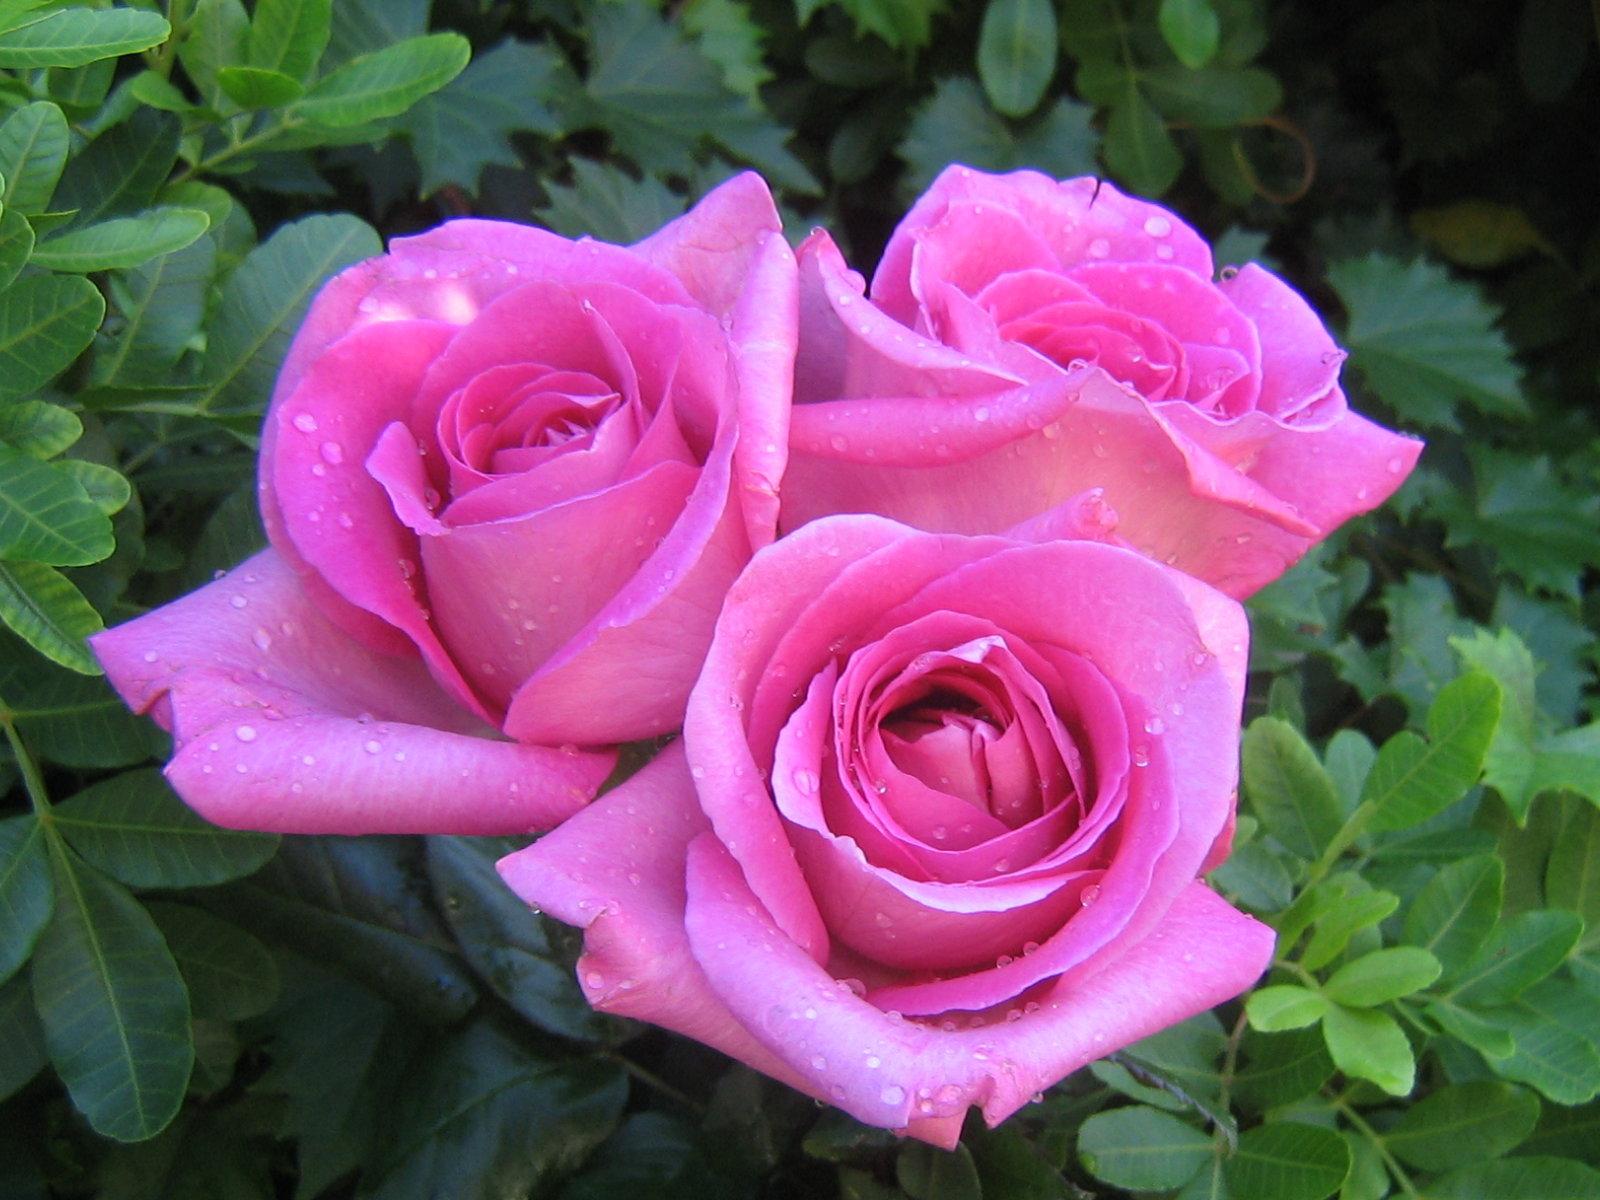 pink rose wallpaper 1080p